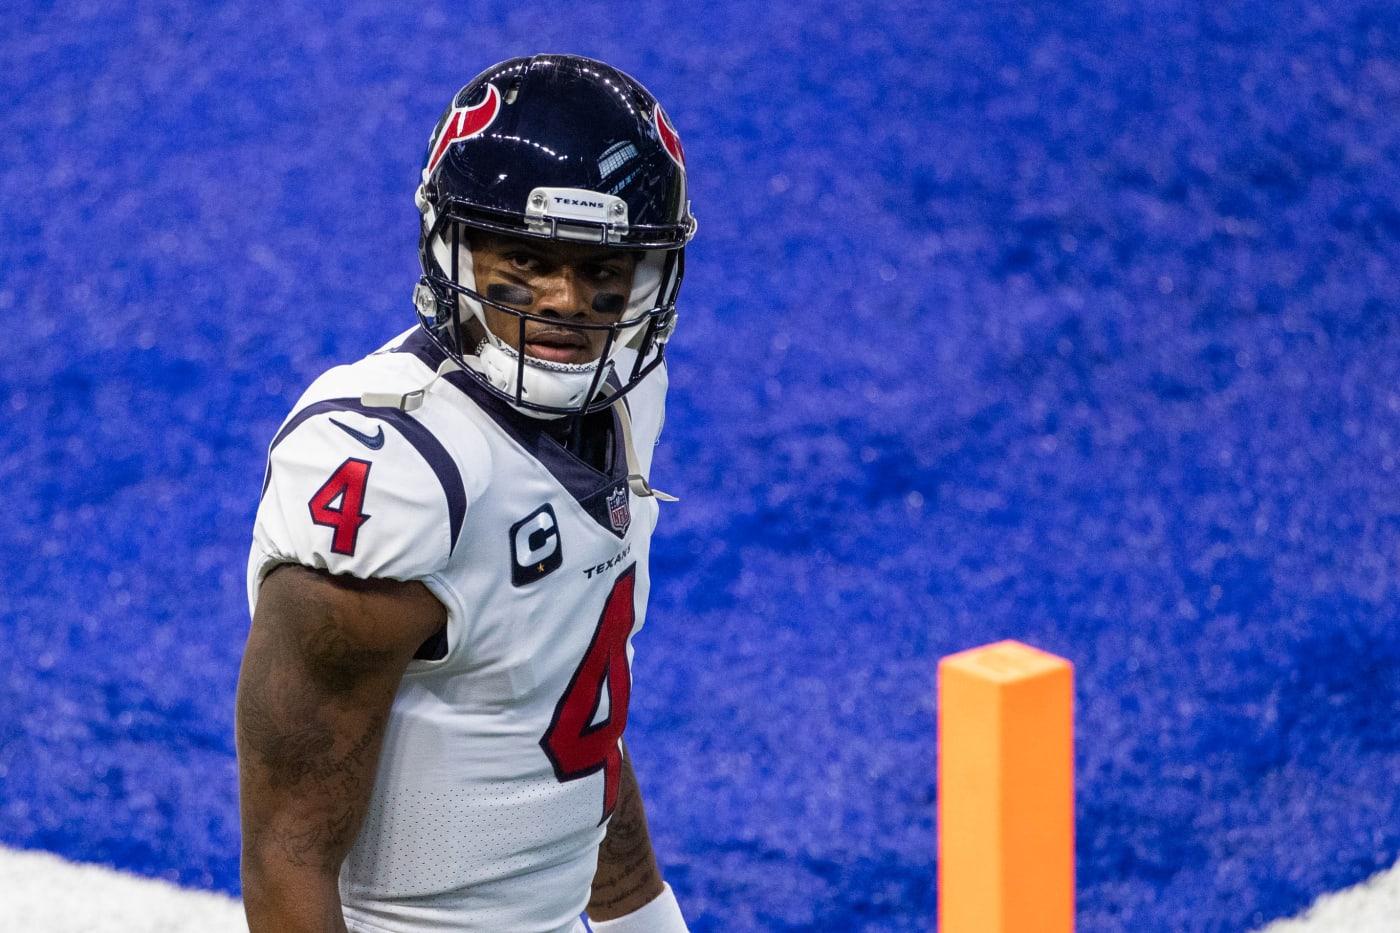 Deshaun Watson Texans Colts Endzone 2020